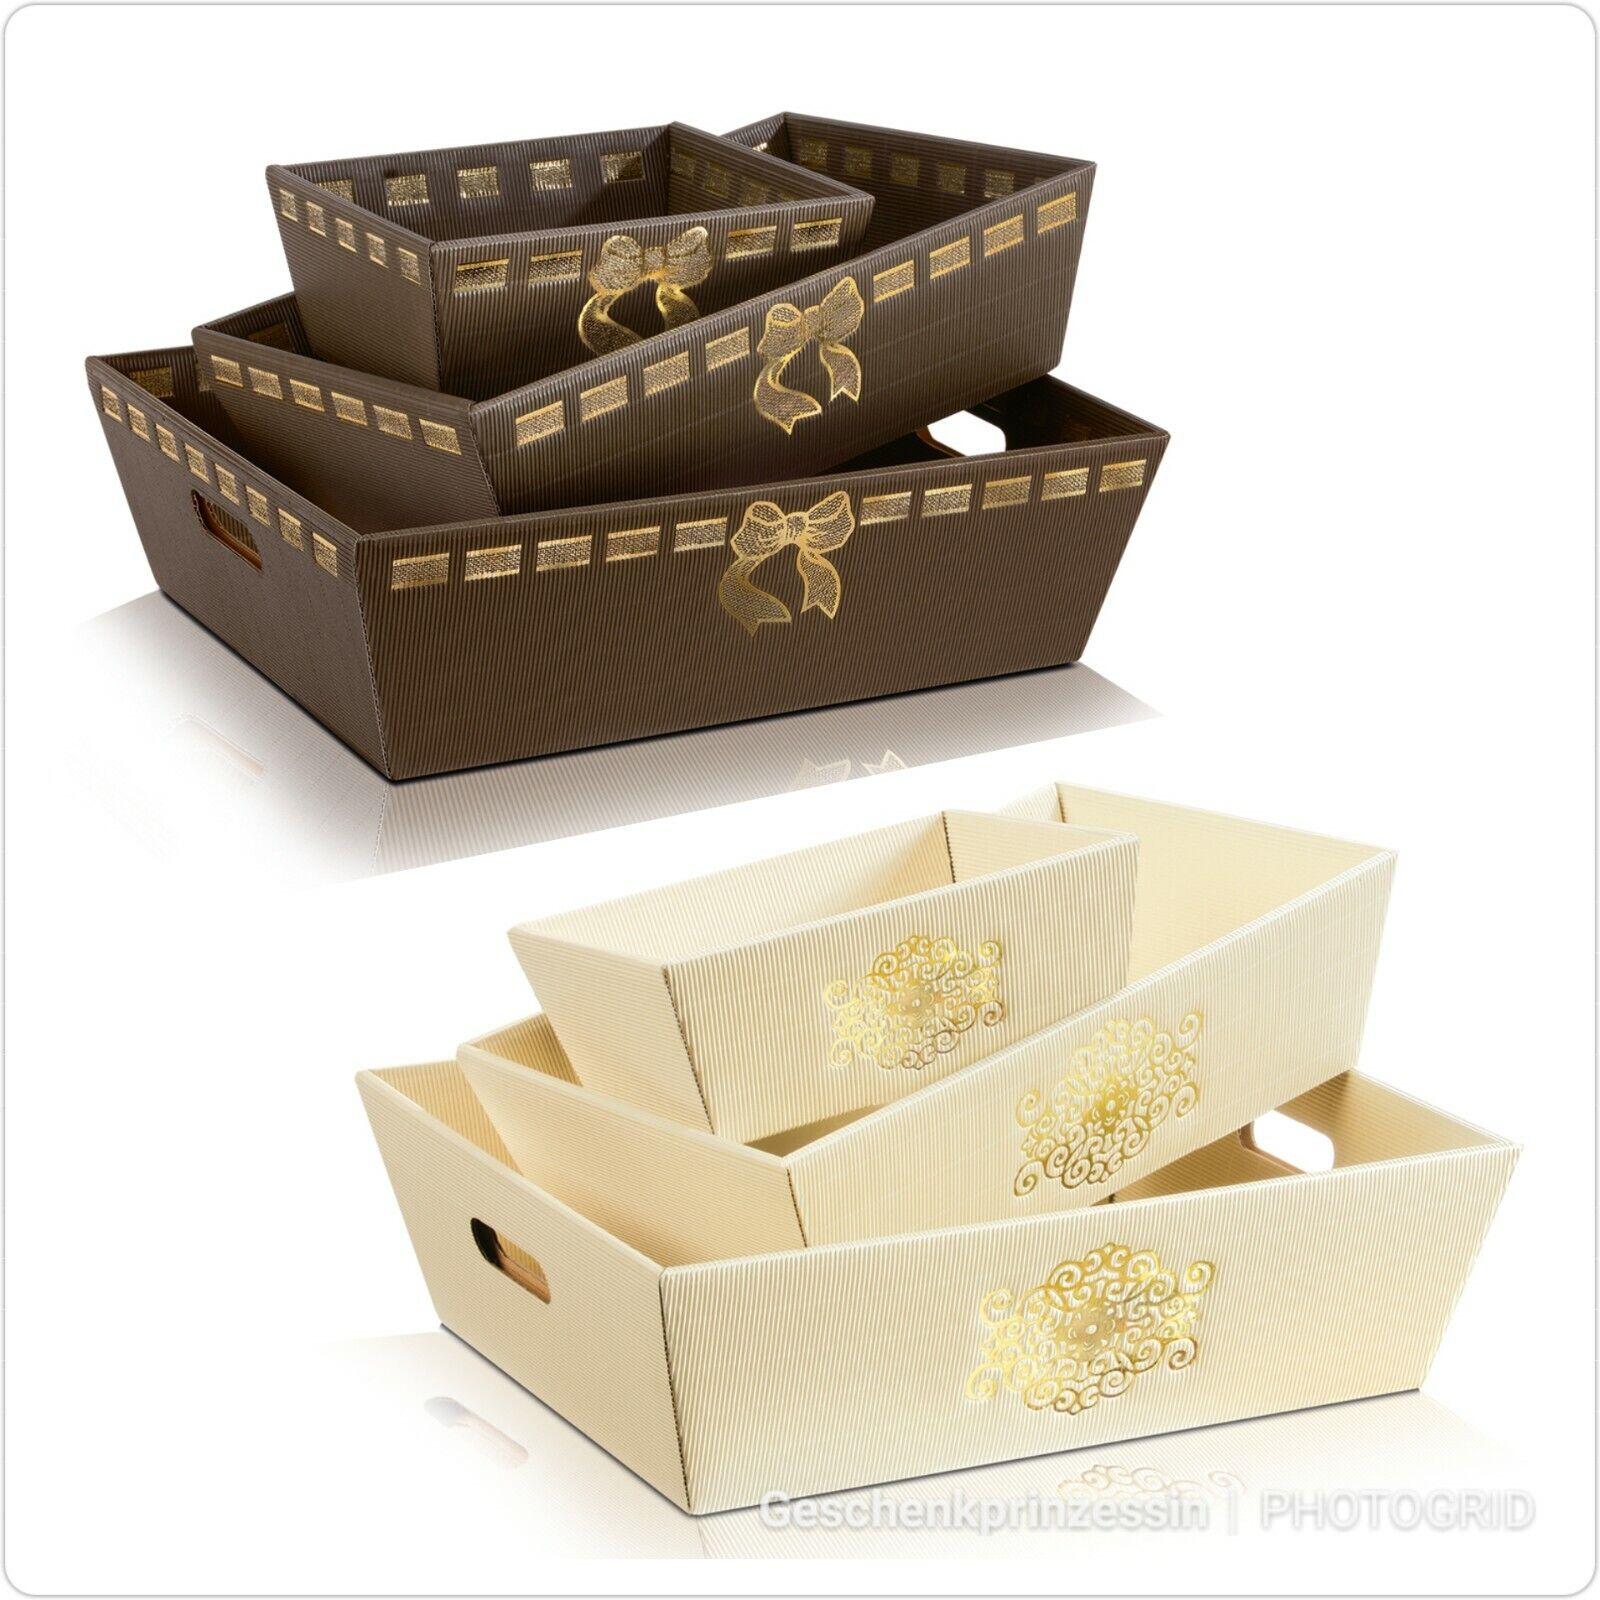 Präsentkorb leer mit Schleife oder Signum braun gold creme vers. Größen Geschenk